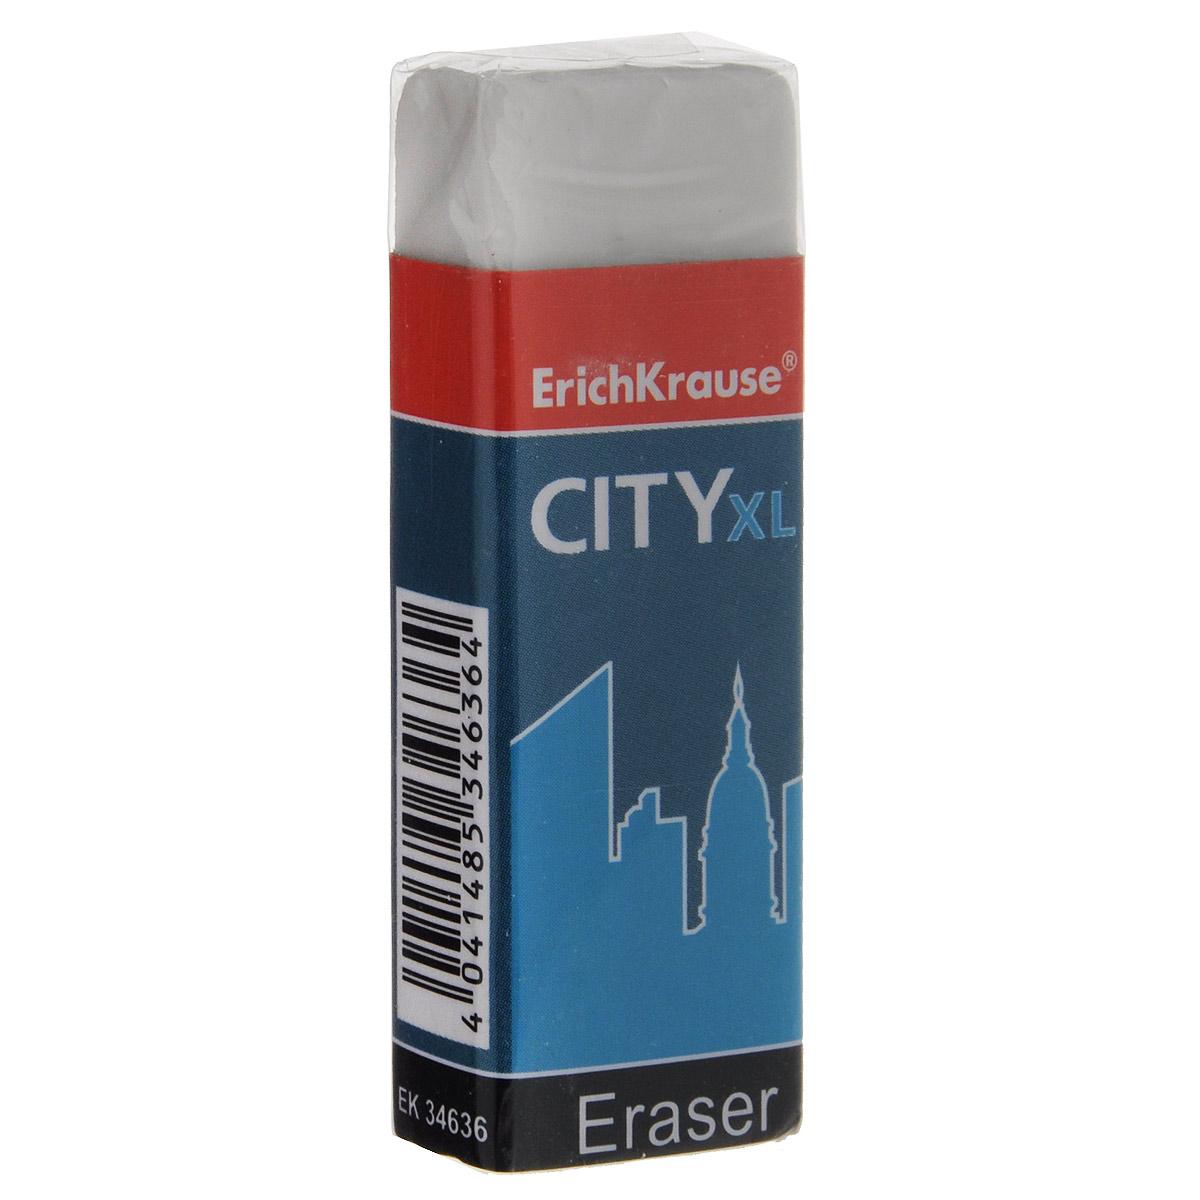 Ластик Erich Krause City XL, цвет: белыйFS-36054Ластик Erich Krause City XL станет незаменимым аксессуаром на рабочем столе не только школьника или студента, но и офисного работника.